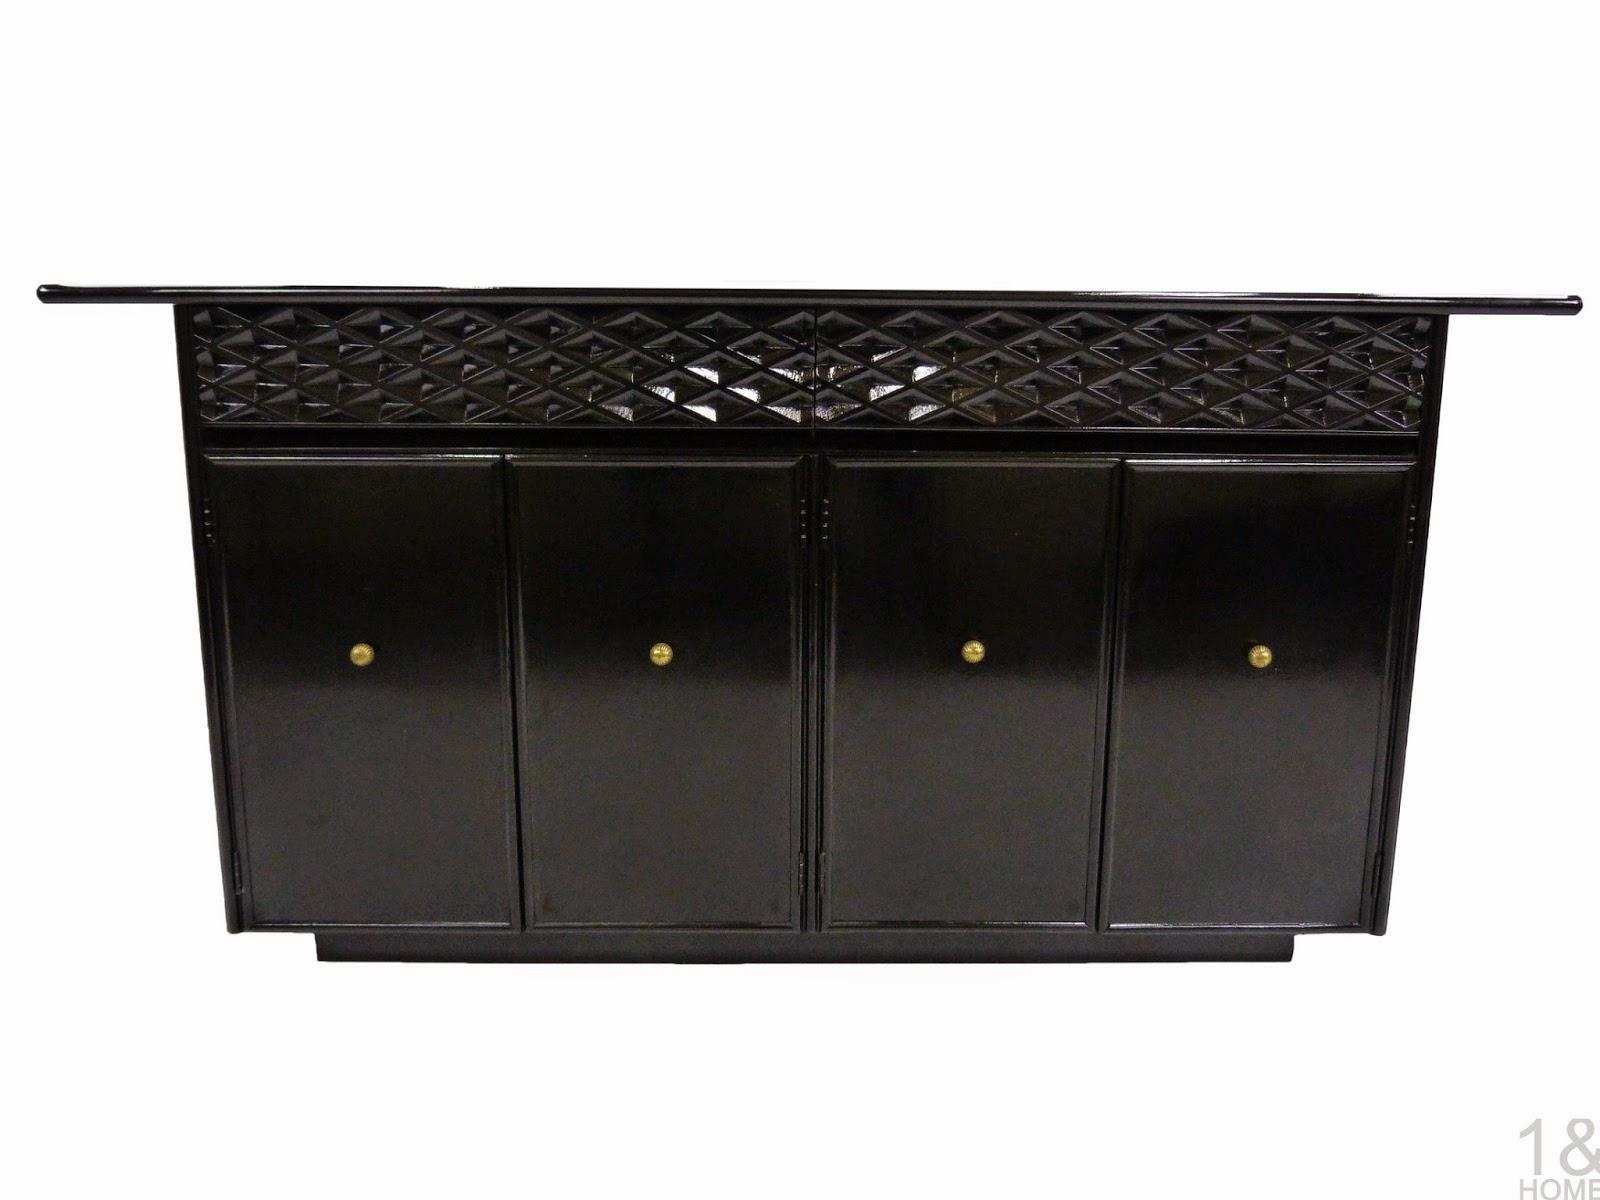 Ebonized mid-century modern Black Lacquered Empire Contemporar Furniture Credenza Sideboard